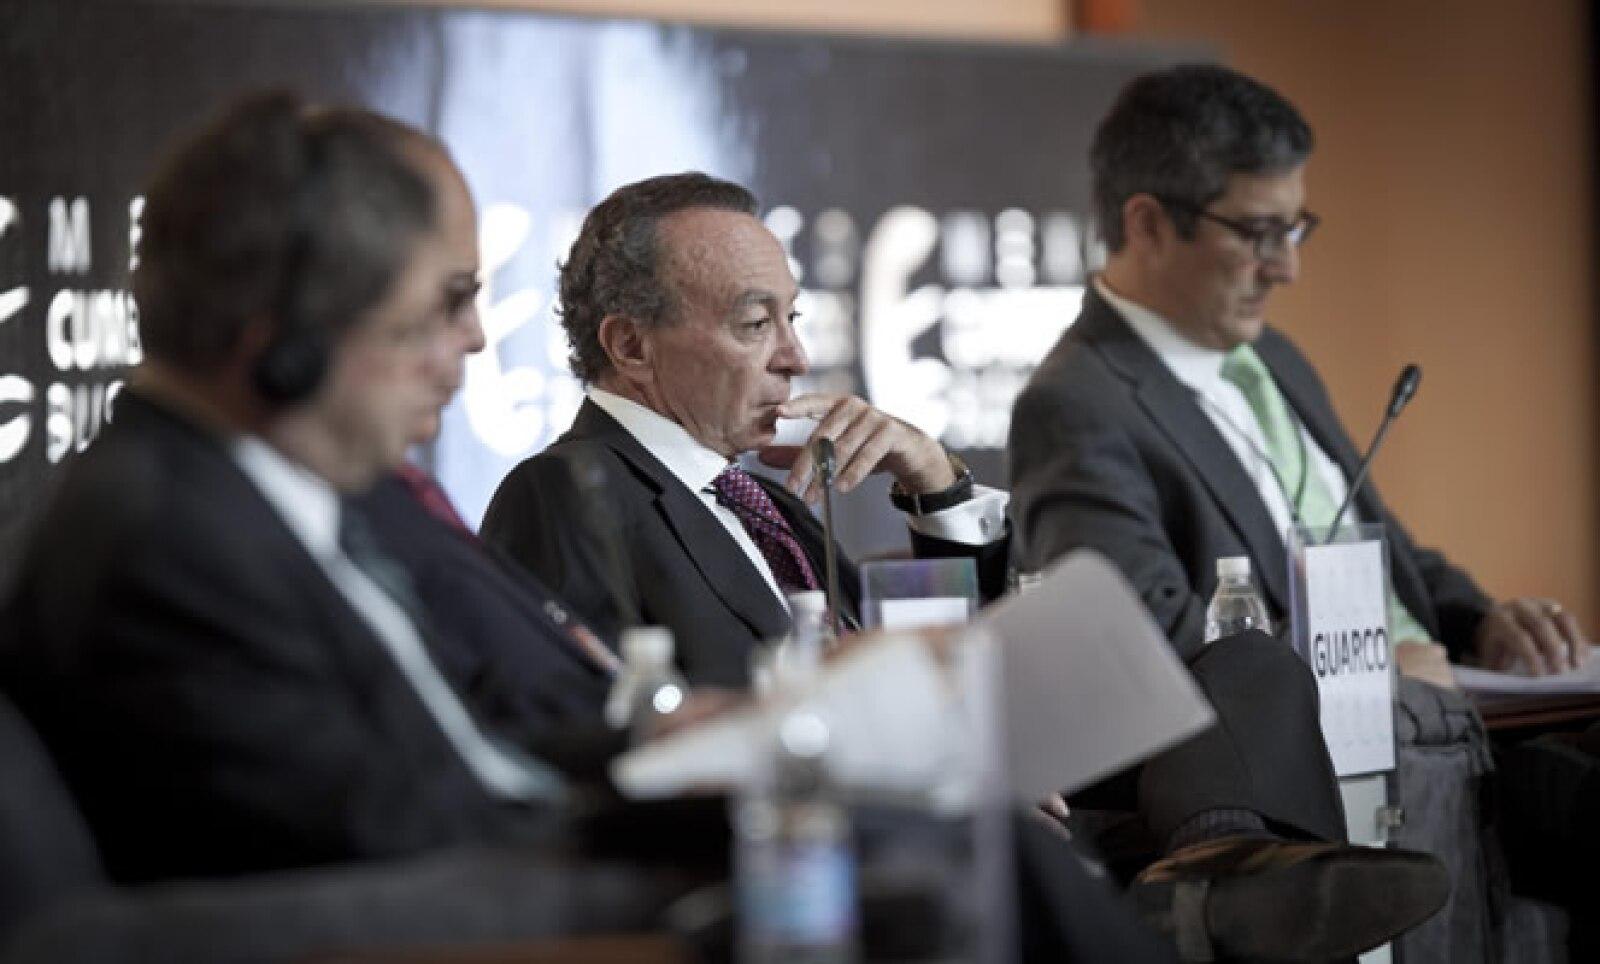 Si no hay un acuerdo político en Estados Unidos para solucionar el precipicio fiscal, lo más seguro es que esa economía entrará en recesión, dijo Guillermo Ortiz